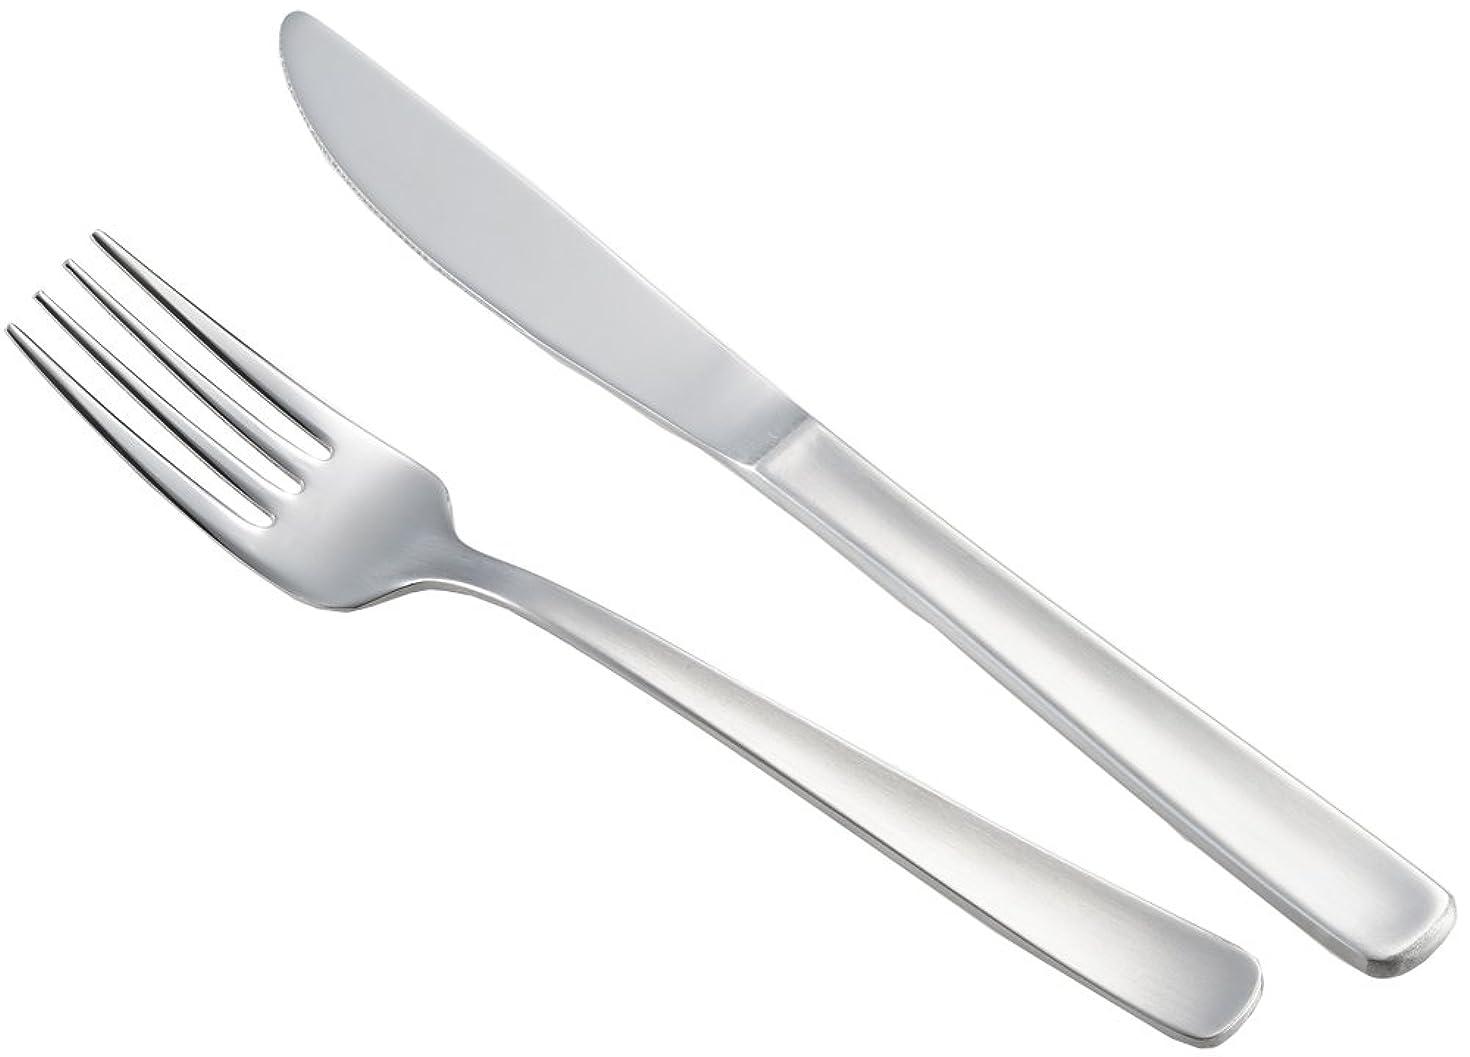 リクルートパトワ不条理ヨシカワ カトラリーセット シルバー (ステーキナイフ 20.6cm?フォーク18cm セット) 使いやすい 3072020